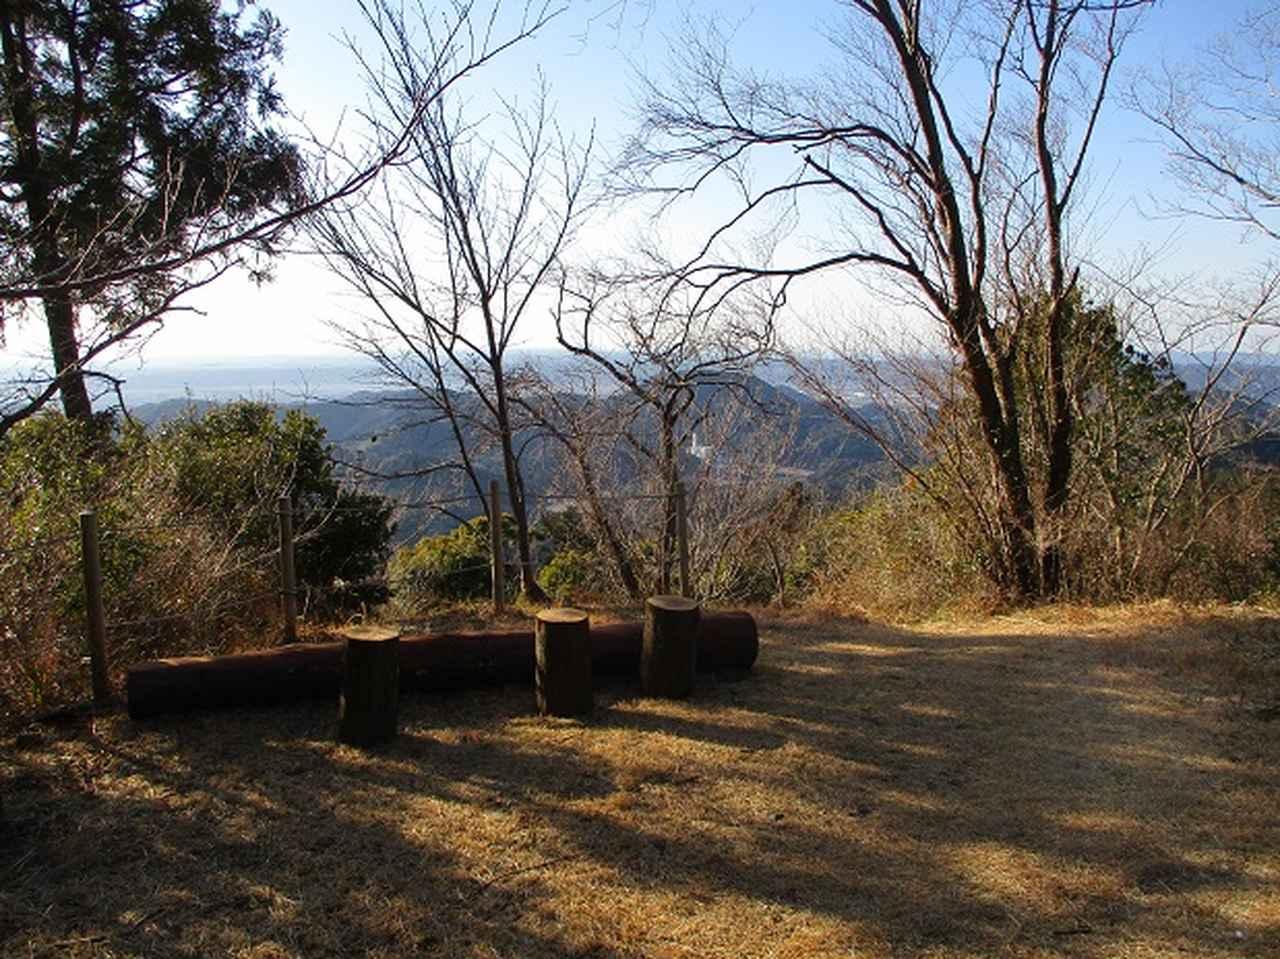 画像11: 【山旅会・登山ガイドこだわりツアー】岡田ガイドからの便り・千葉山ツアーの下見にいってまいりました!